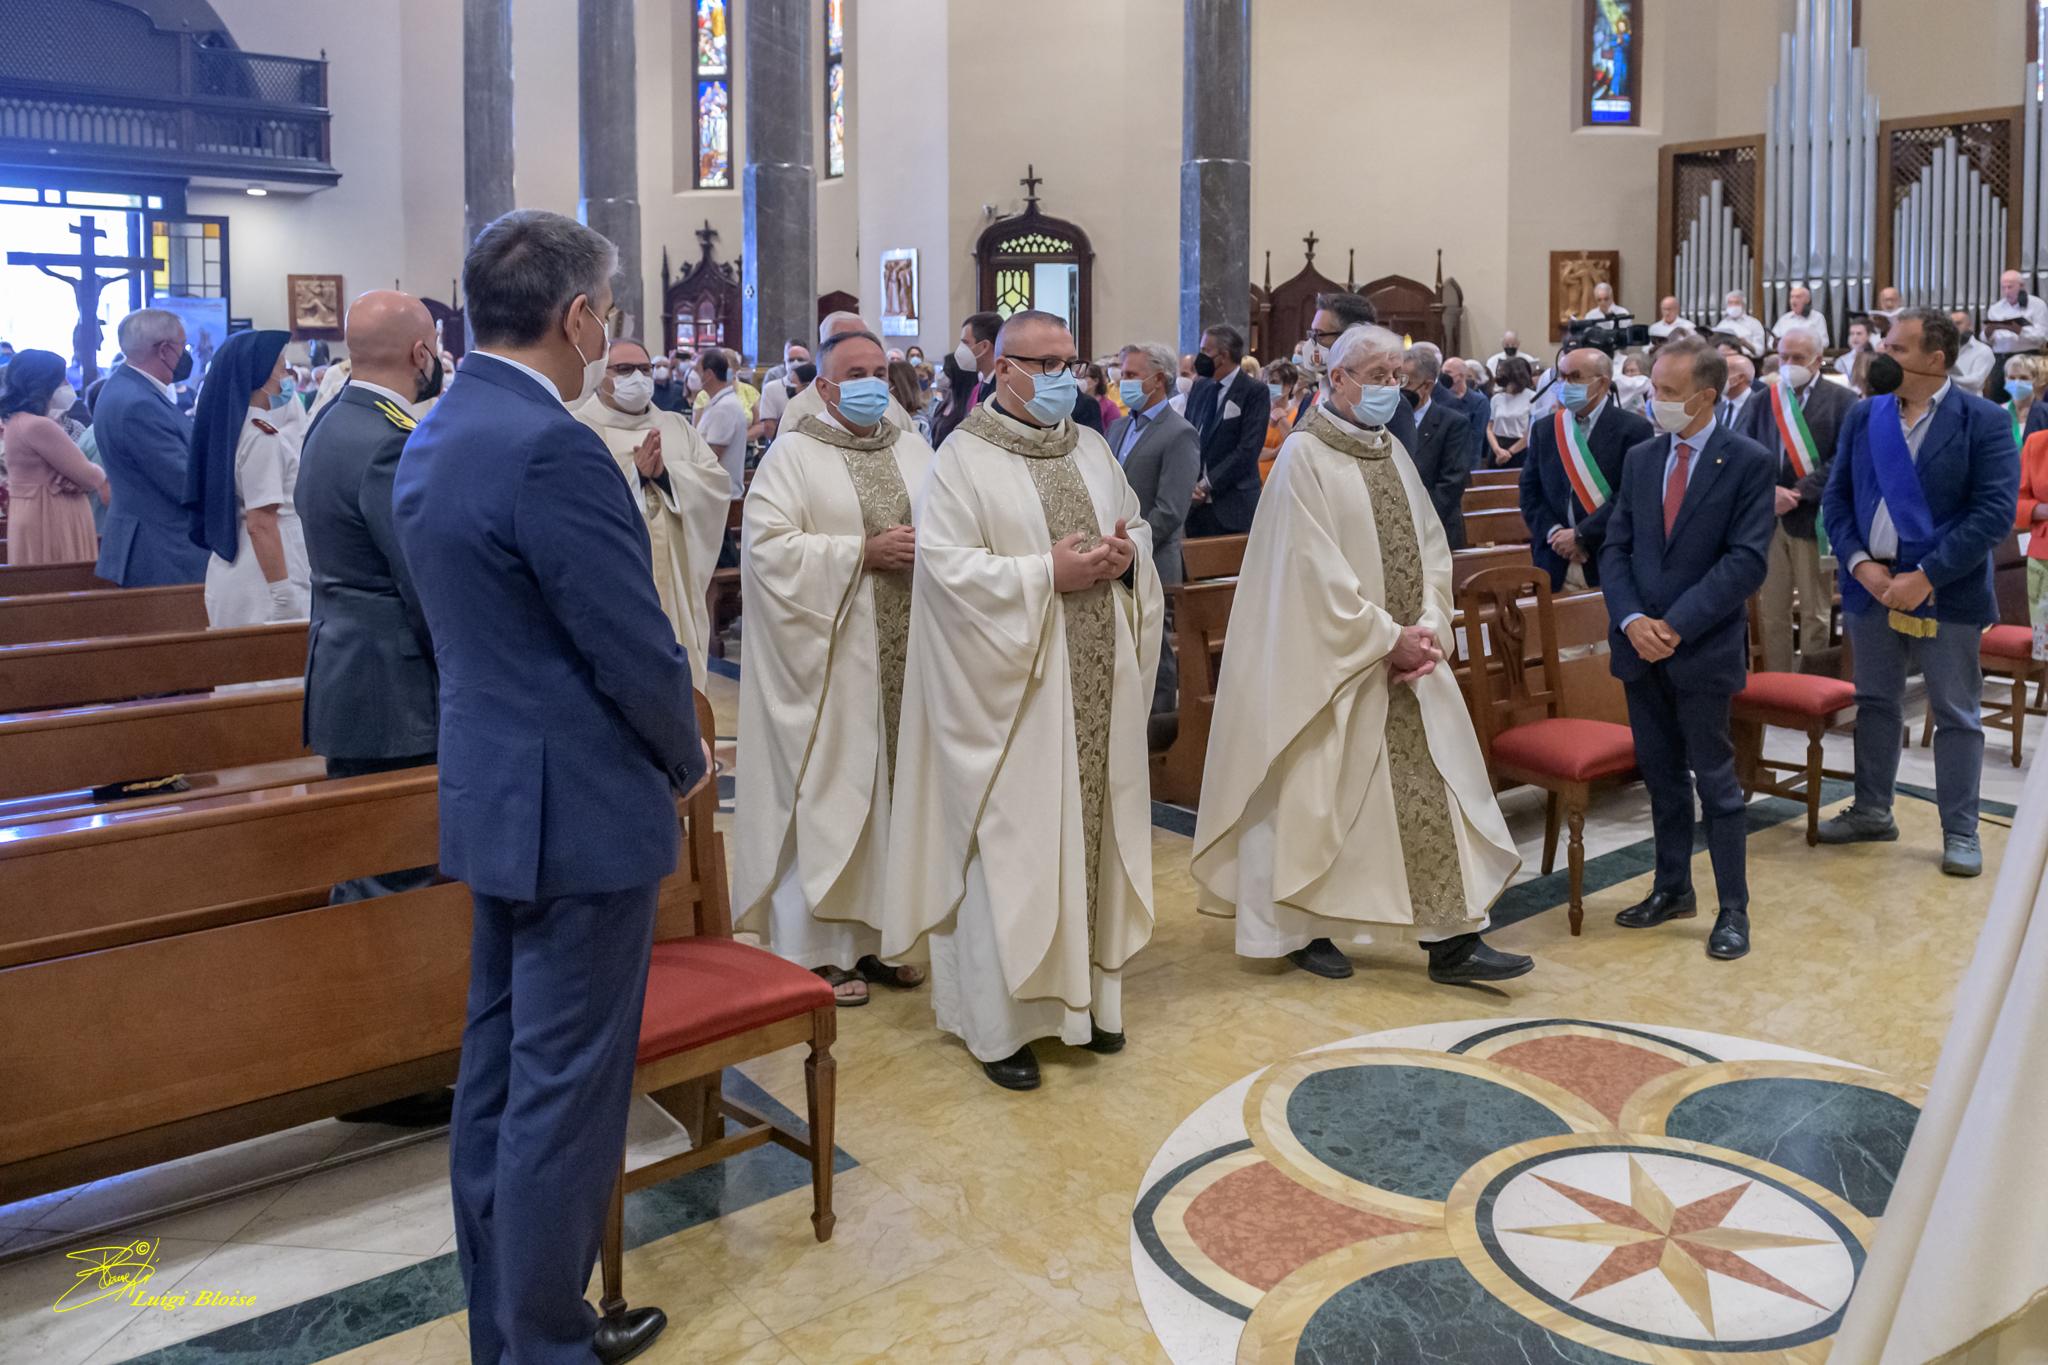 29-agosto-2021-pontificale-10.30-MdG-–-FOTO_mdg_-73